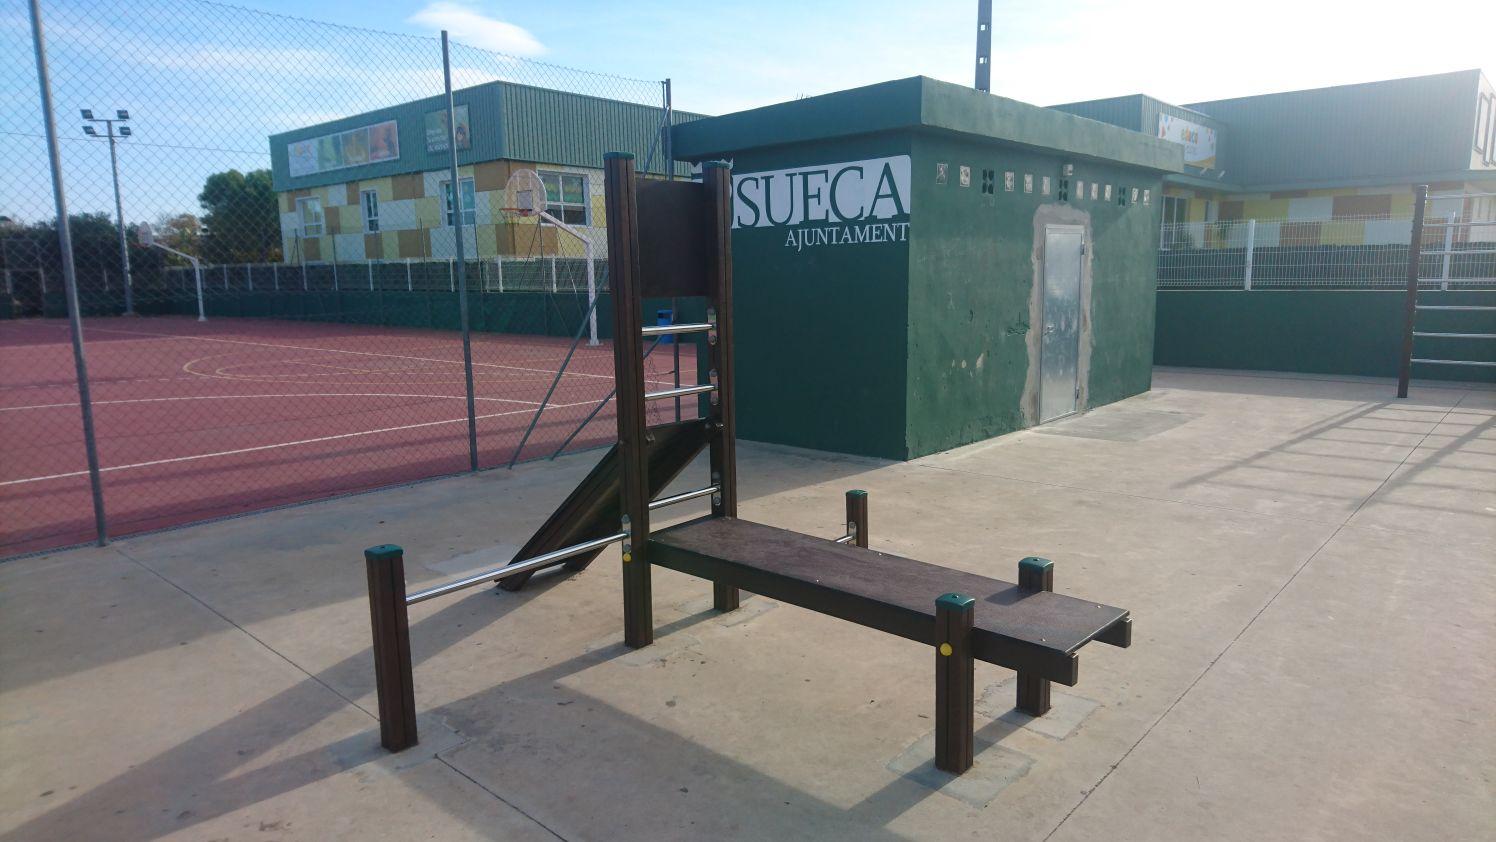 Circuito deportivo de madera en Sueca